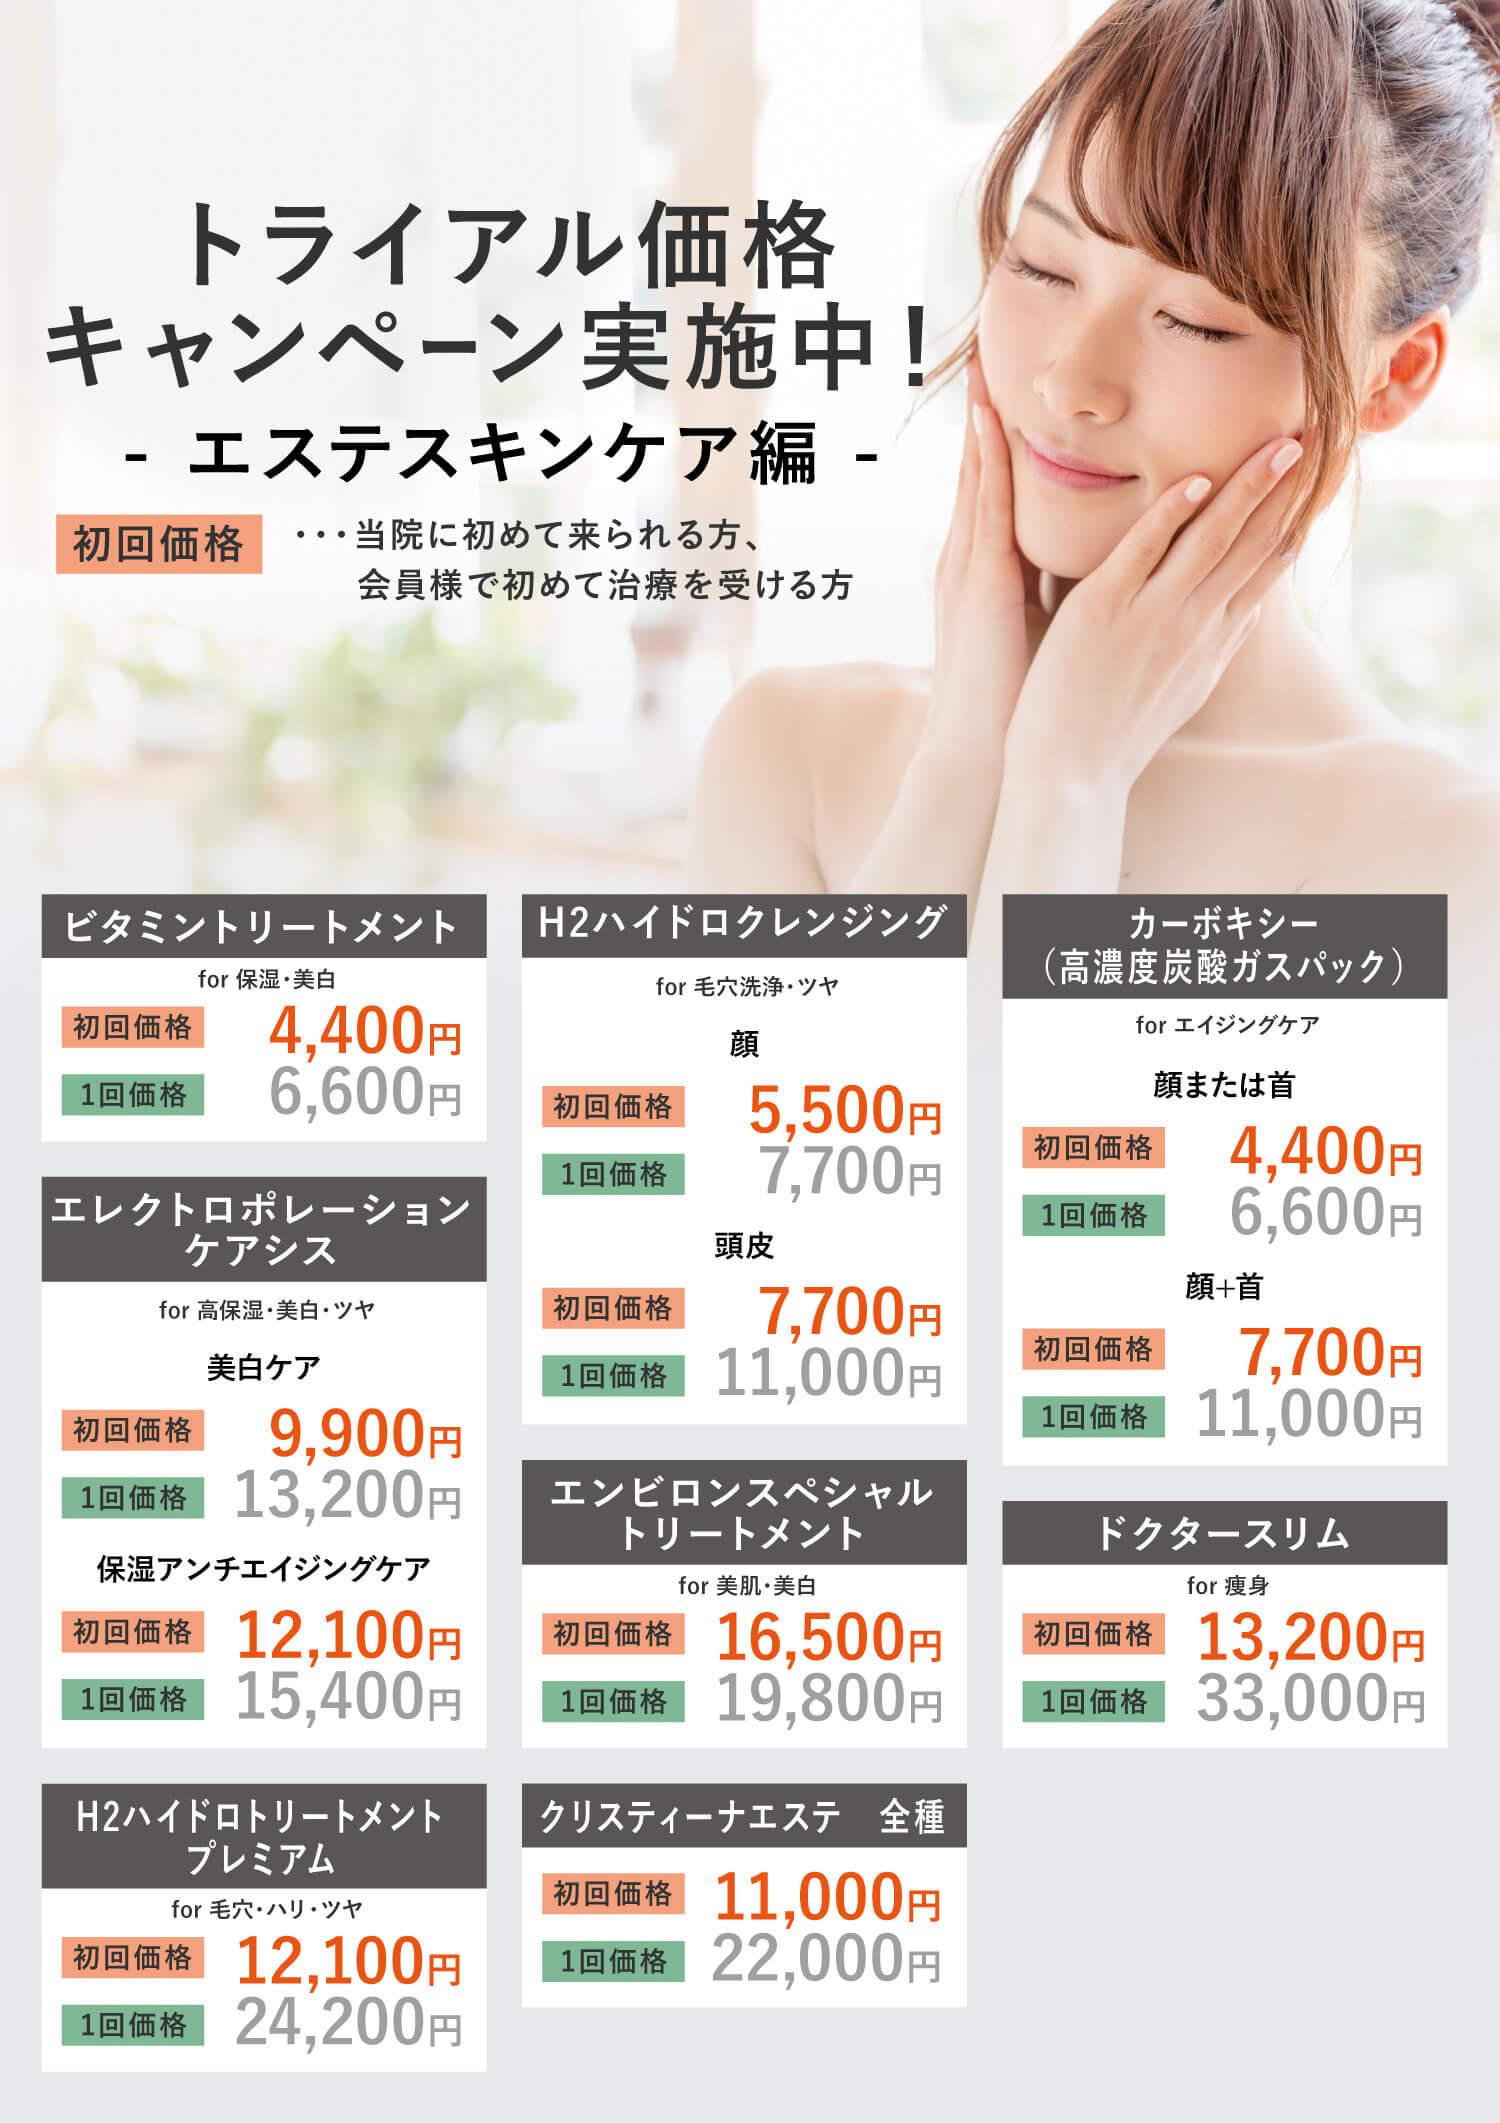 トライアル価格キャンペーン実施中!エステ・スキンケア編